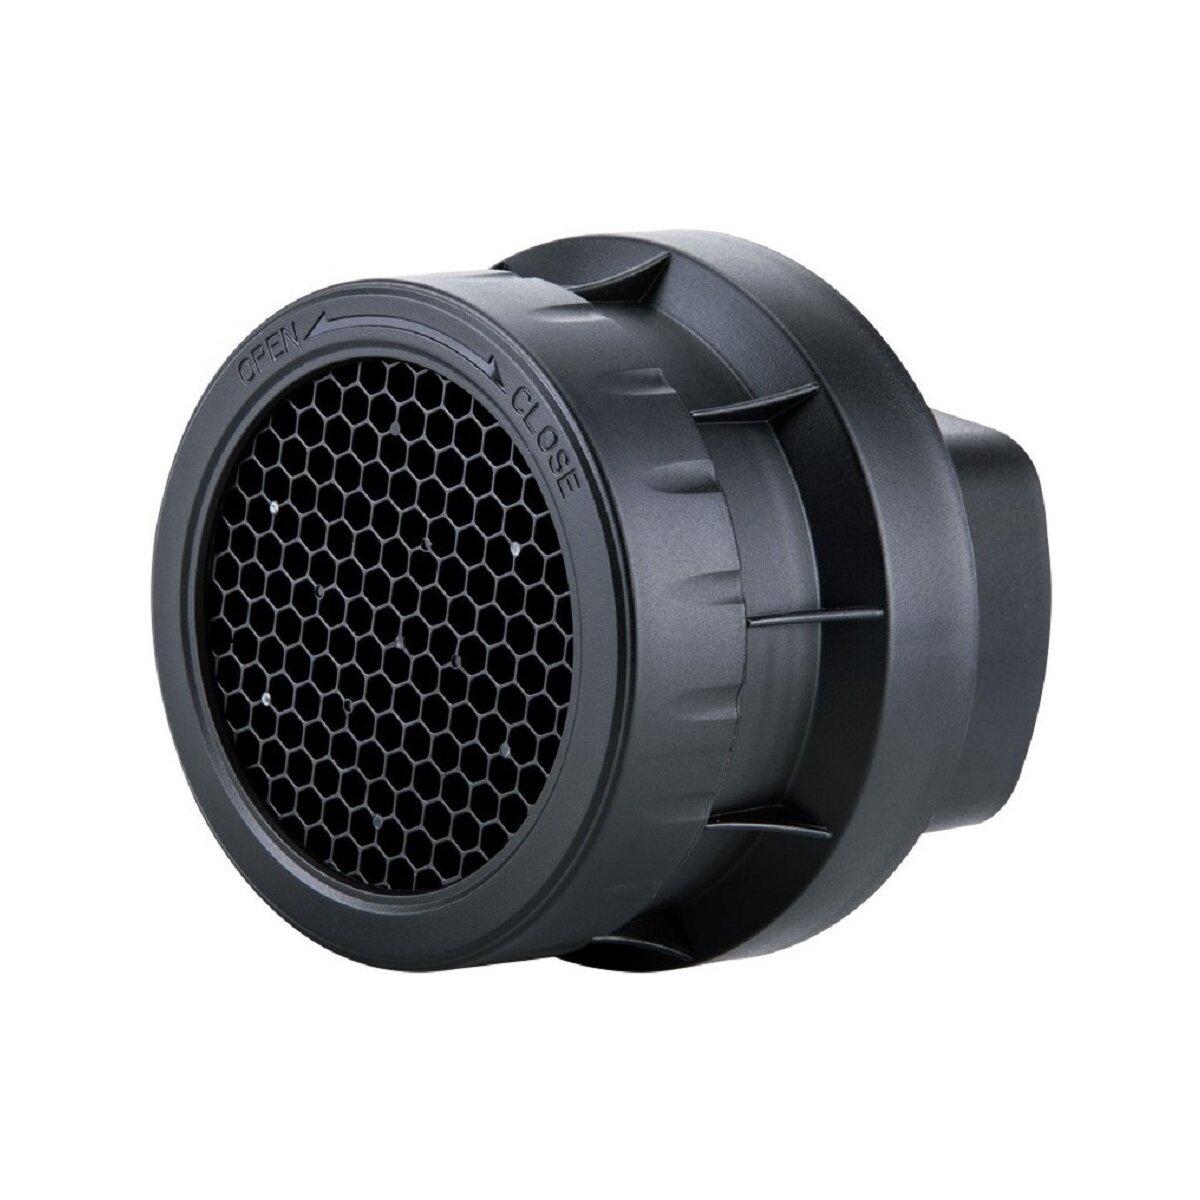 Impulsfoto JJC SG-L 3-in-1 Aufsteck-Wabe (Wabenvorsatz, Wabenaufsatz) für Aufsteckblitz bis 49 x 76 mm - z.B. kompatibel für Canon Speedlite 540EX 550EX, Nissin DI 622, Pentax AF-540 FGZ HVL-F58AM